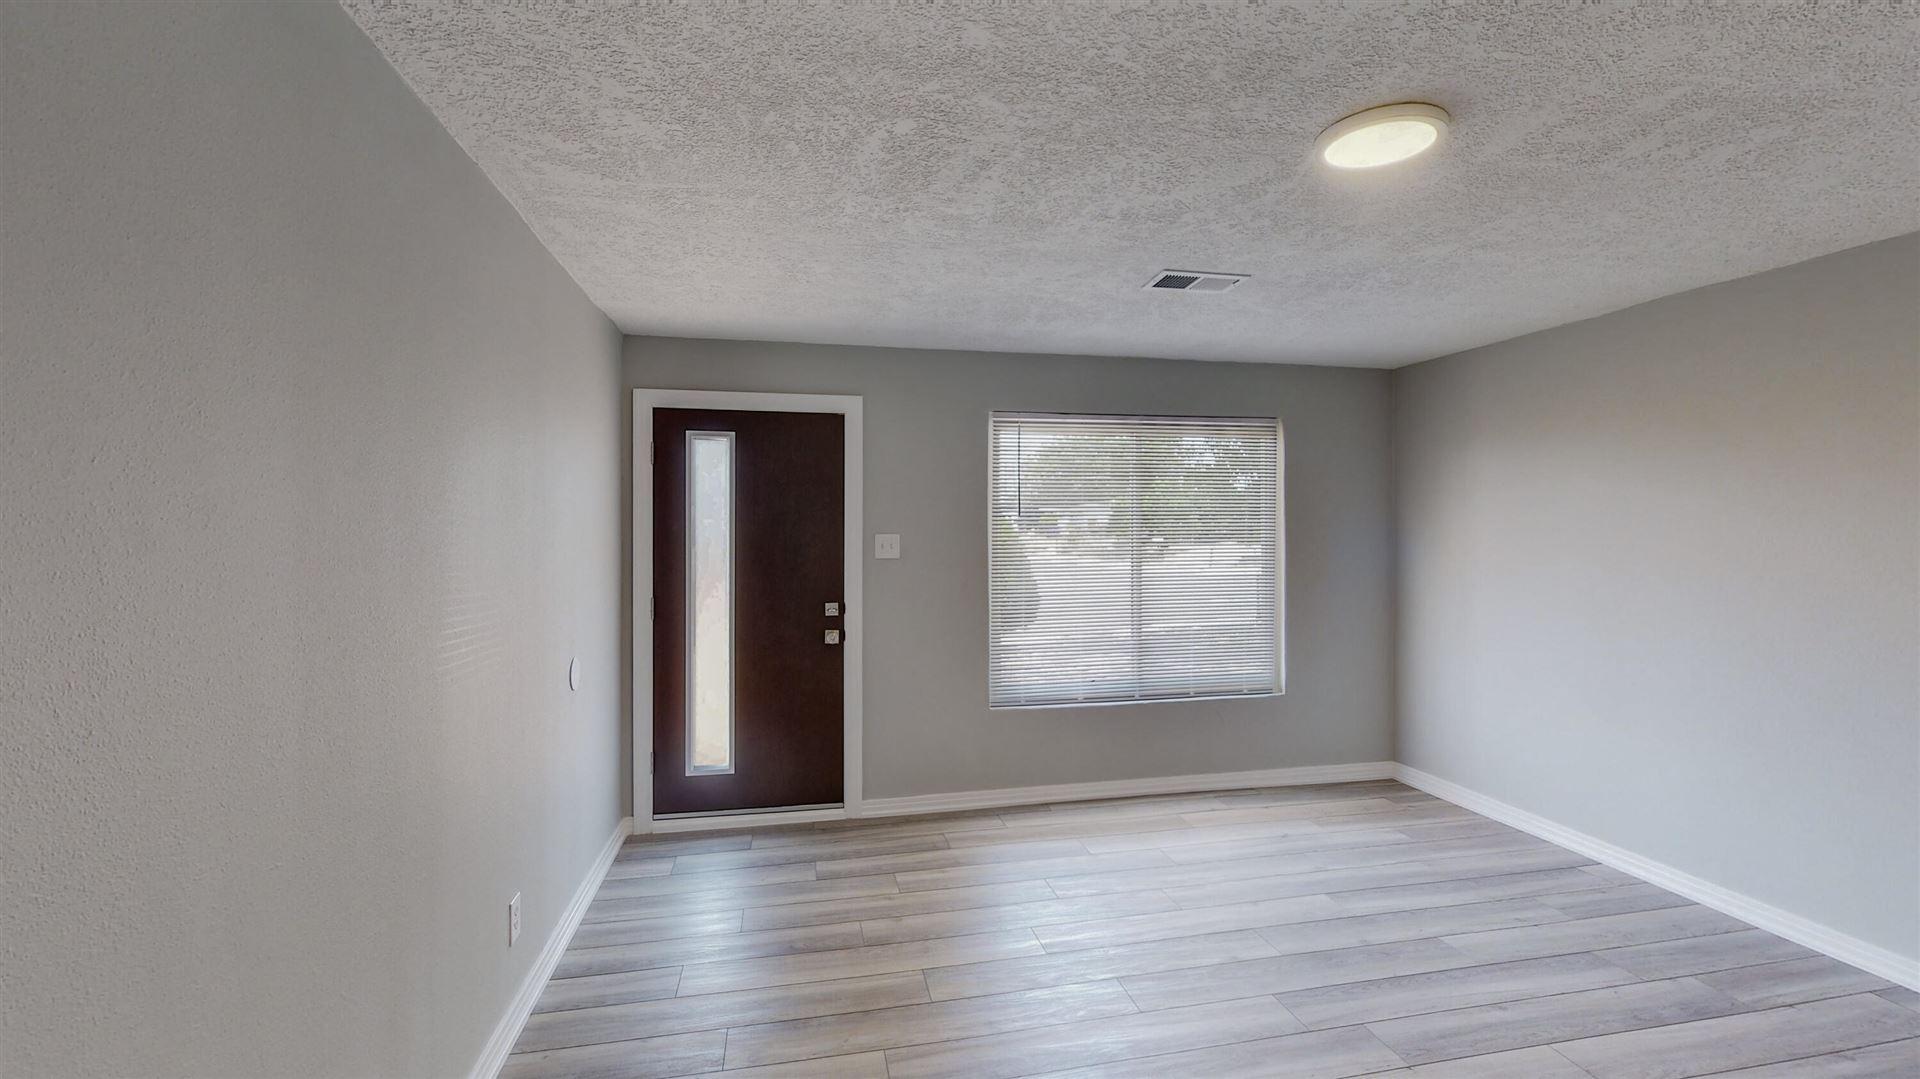 Photo of 1328 SPENCE Avenue SE, Albuquerque, NM 87106 (MLS # 994777)